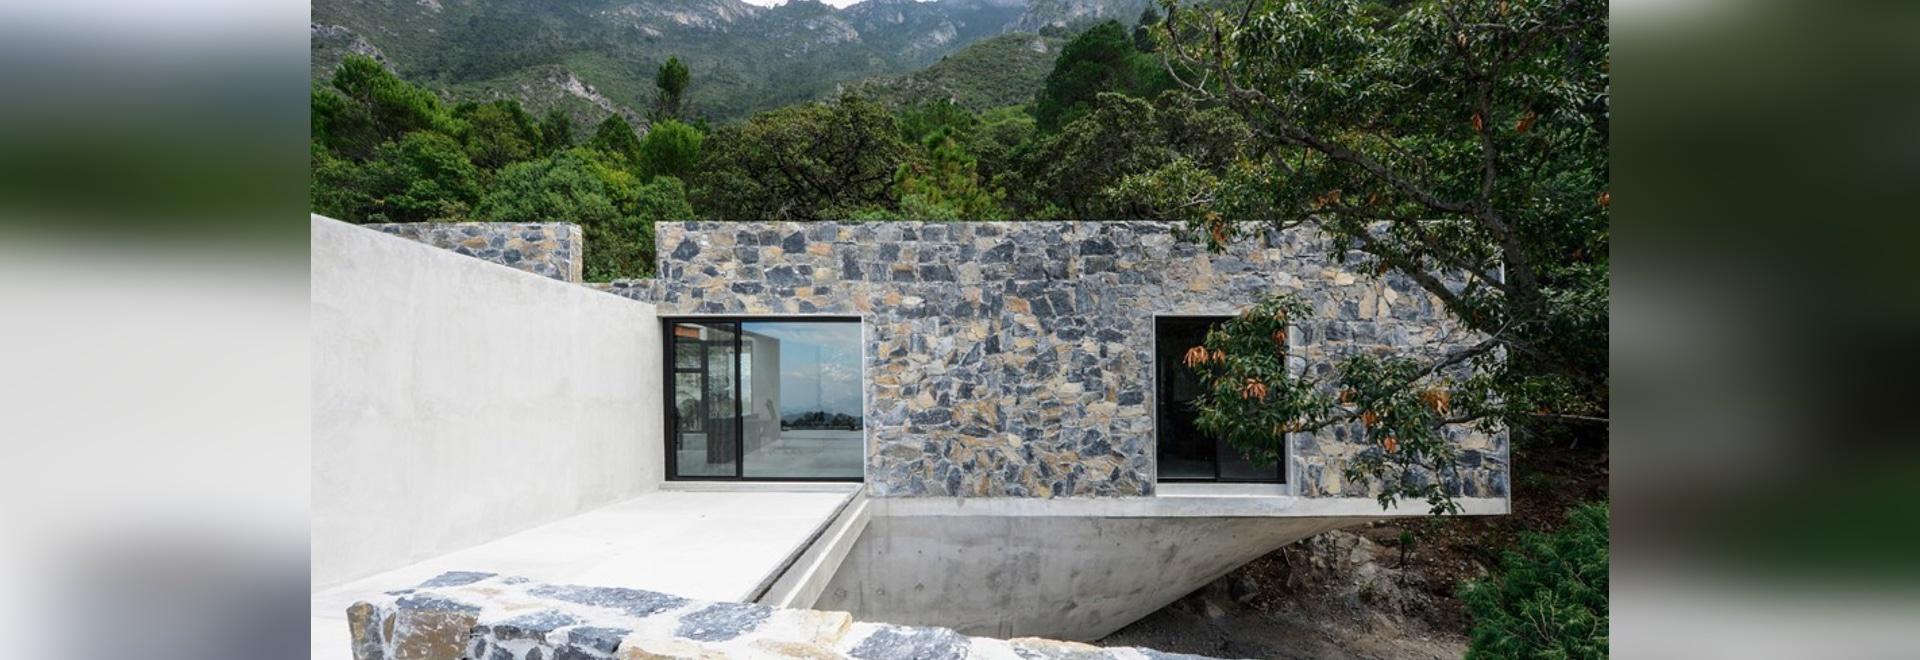 Le scatole di pietra aumentano in un chioma forestale su una base concreta scolpita